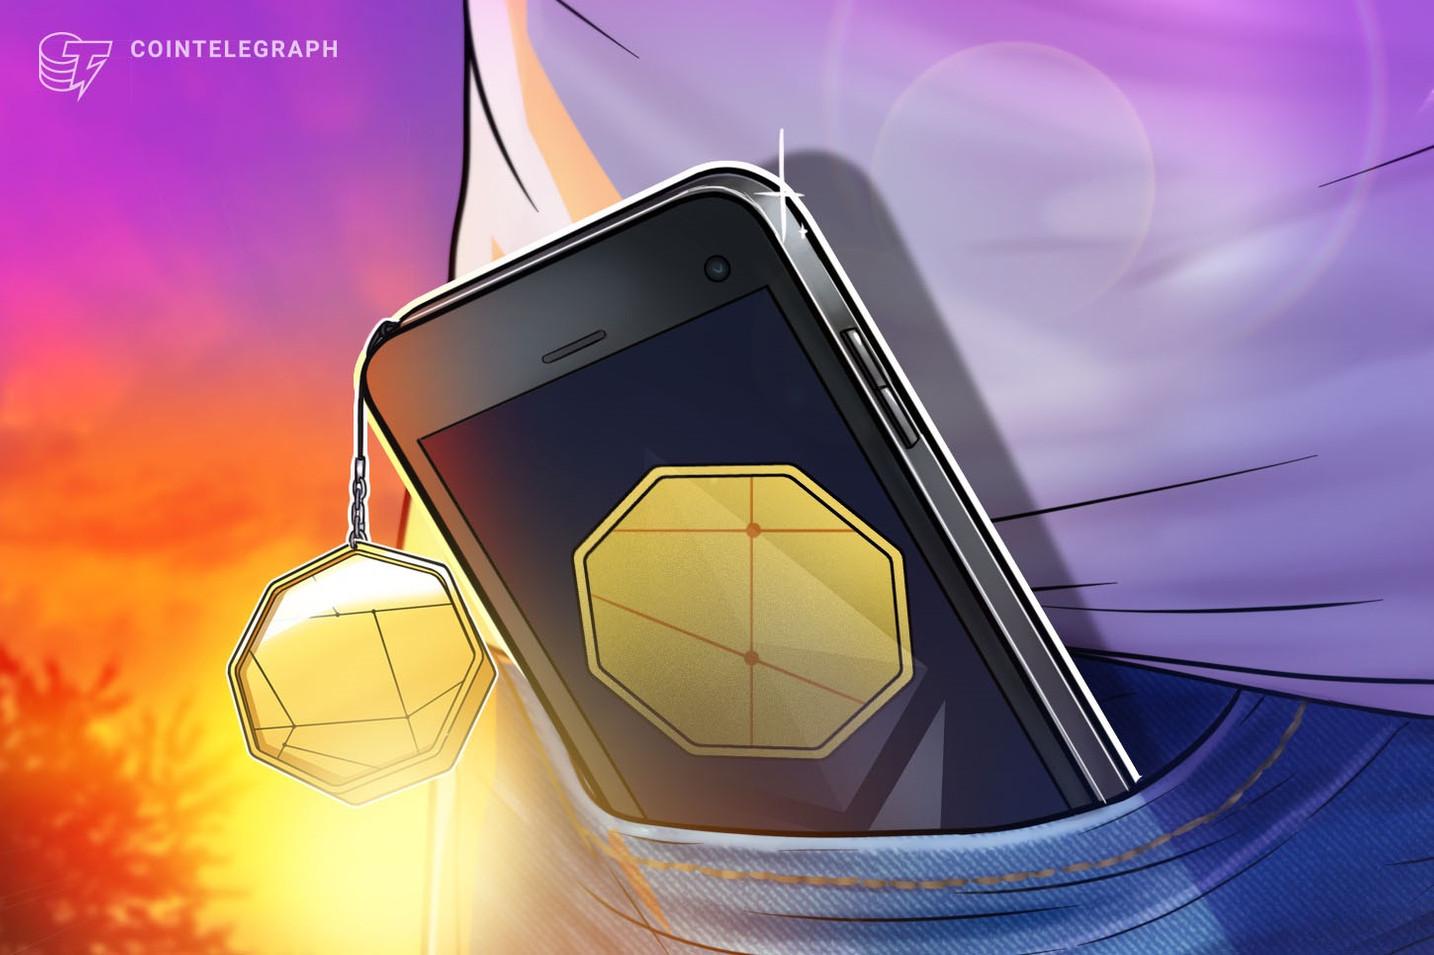 La aplicación de criptomonedas Valora recauda USD 20 millones y se independiza de Celo